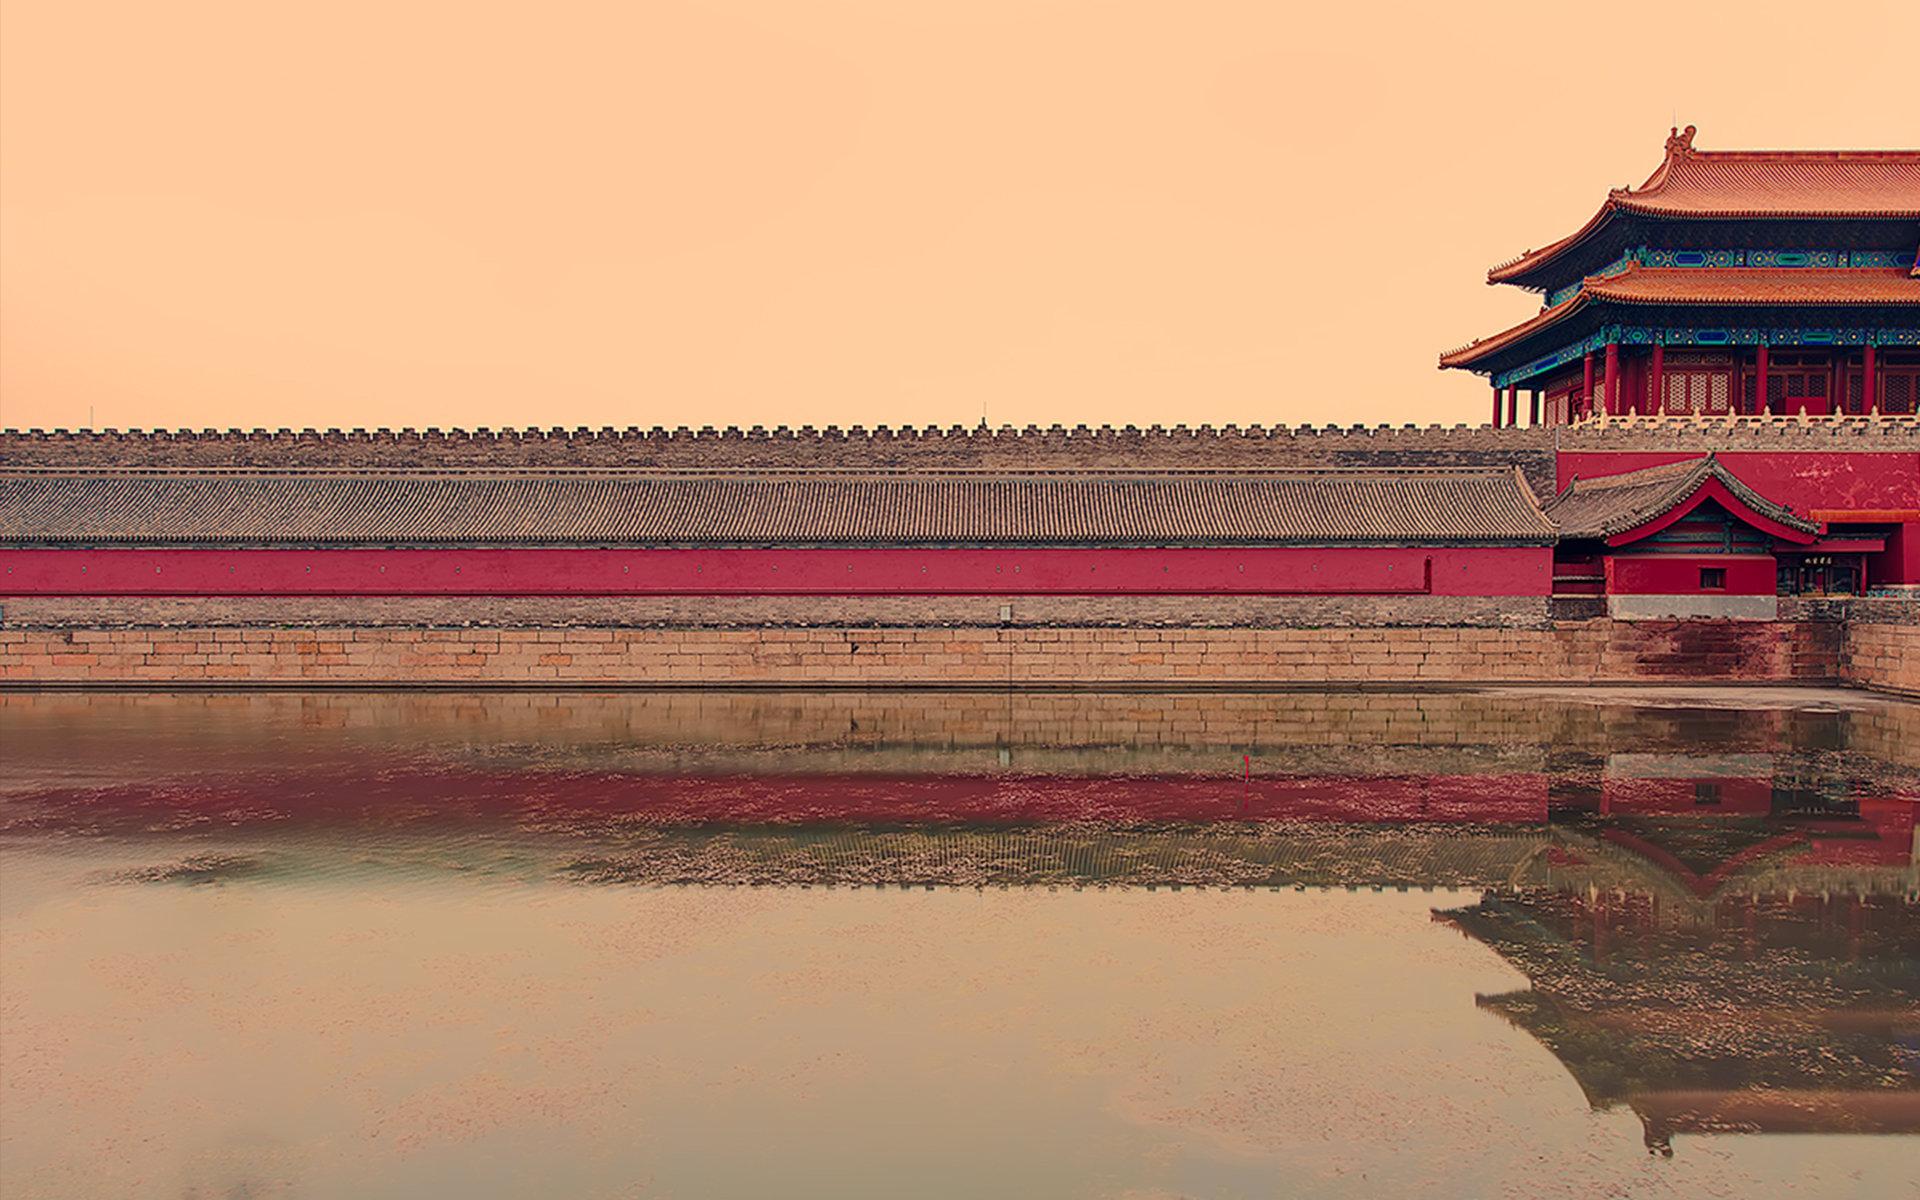 世界最漂亮的风景囹?a_北京紫禁城宏伟壮观的风景365体育在线投注手机版_365体育足球比分直播_365bt体育在线桌面壁纸 _壁纸素材_百优a精美图库